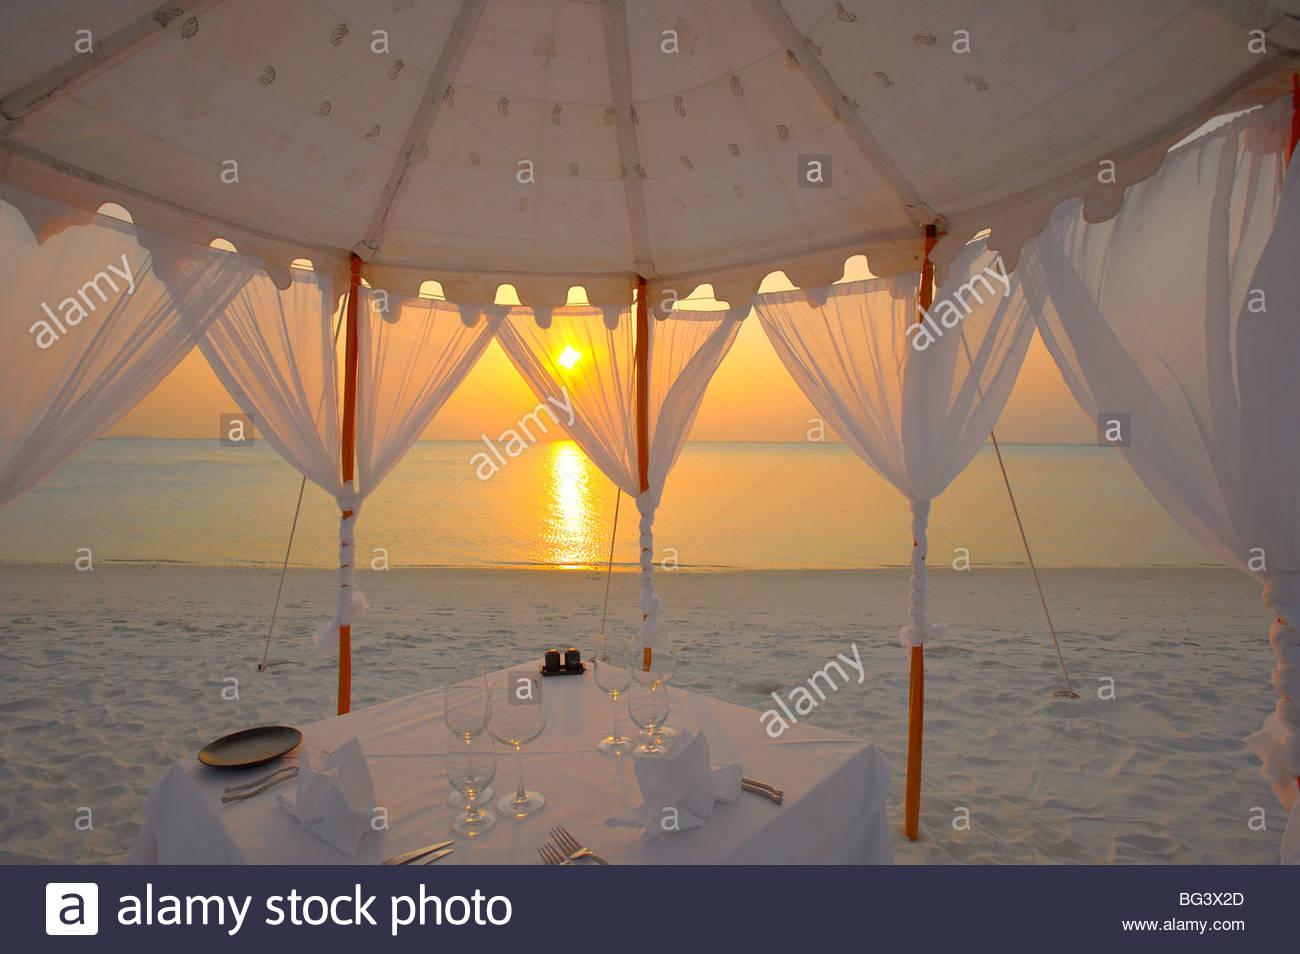 Abendessen am Strand, Malediven, Indischer Ozean, Asien Stockfoto